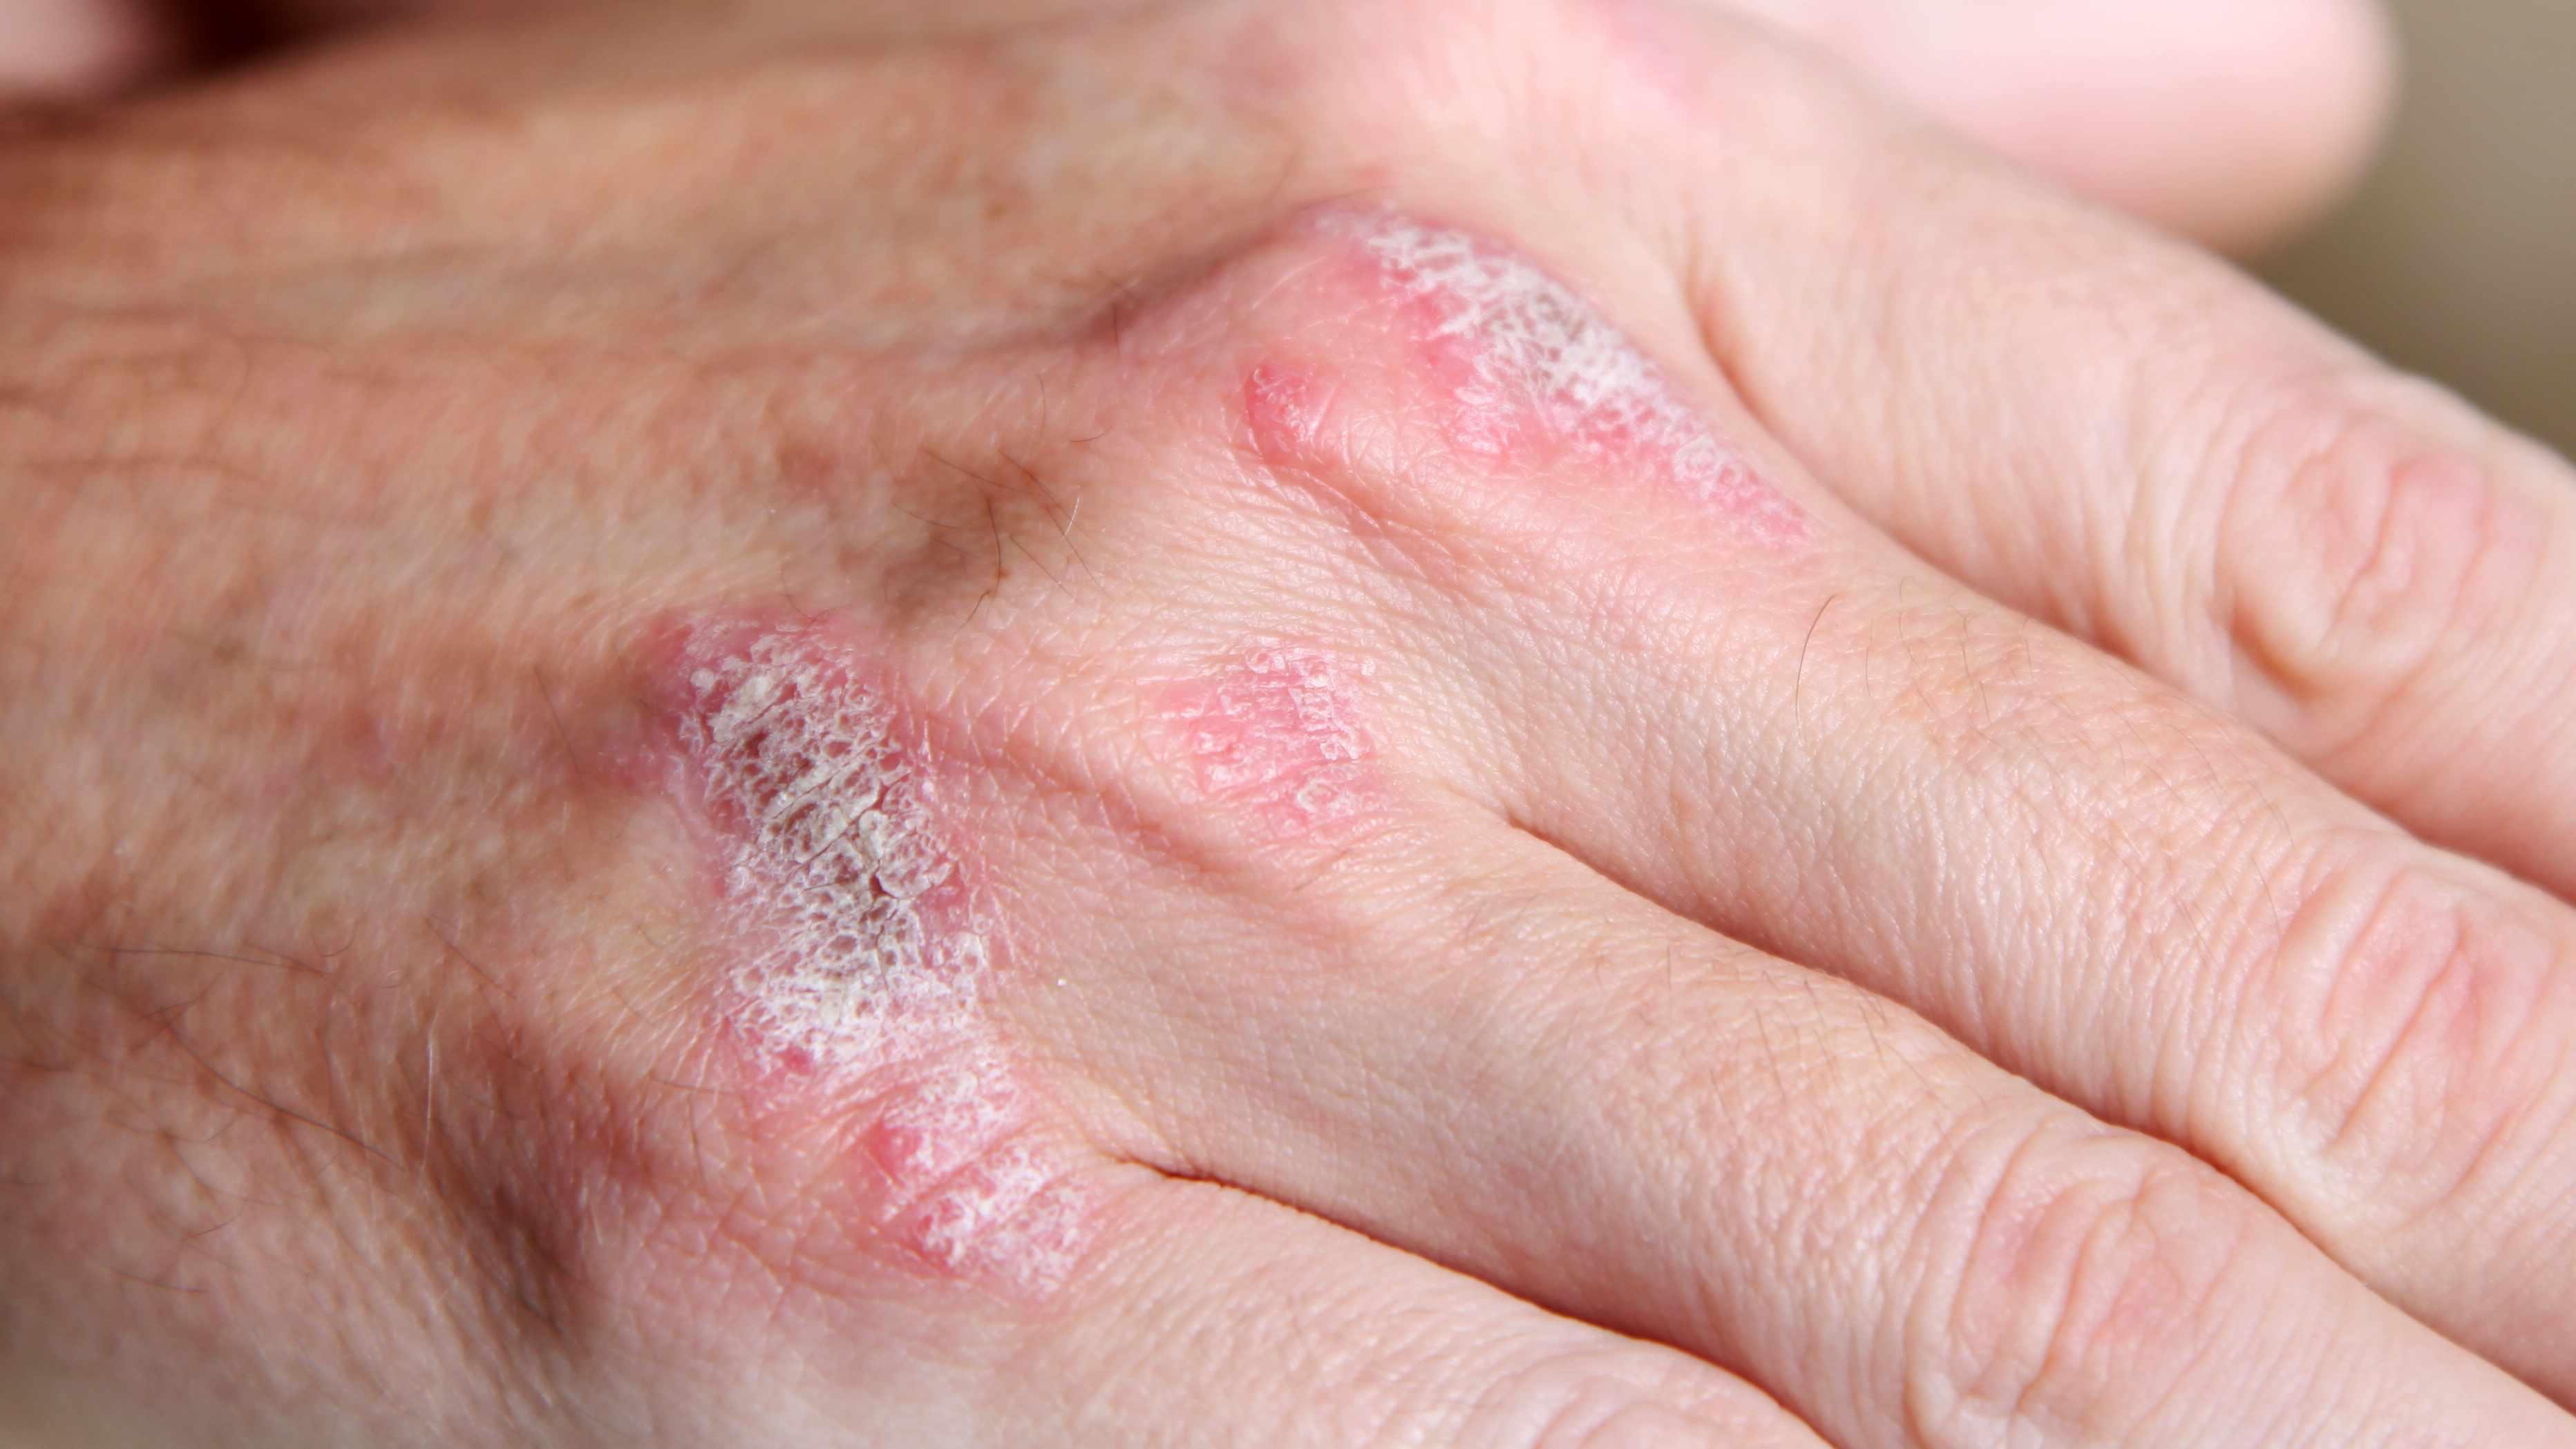 Psoriasis en la mano de una persona, con enrojecimiento, inflamación, sequedad e irritación.